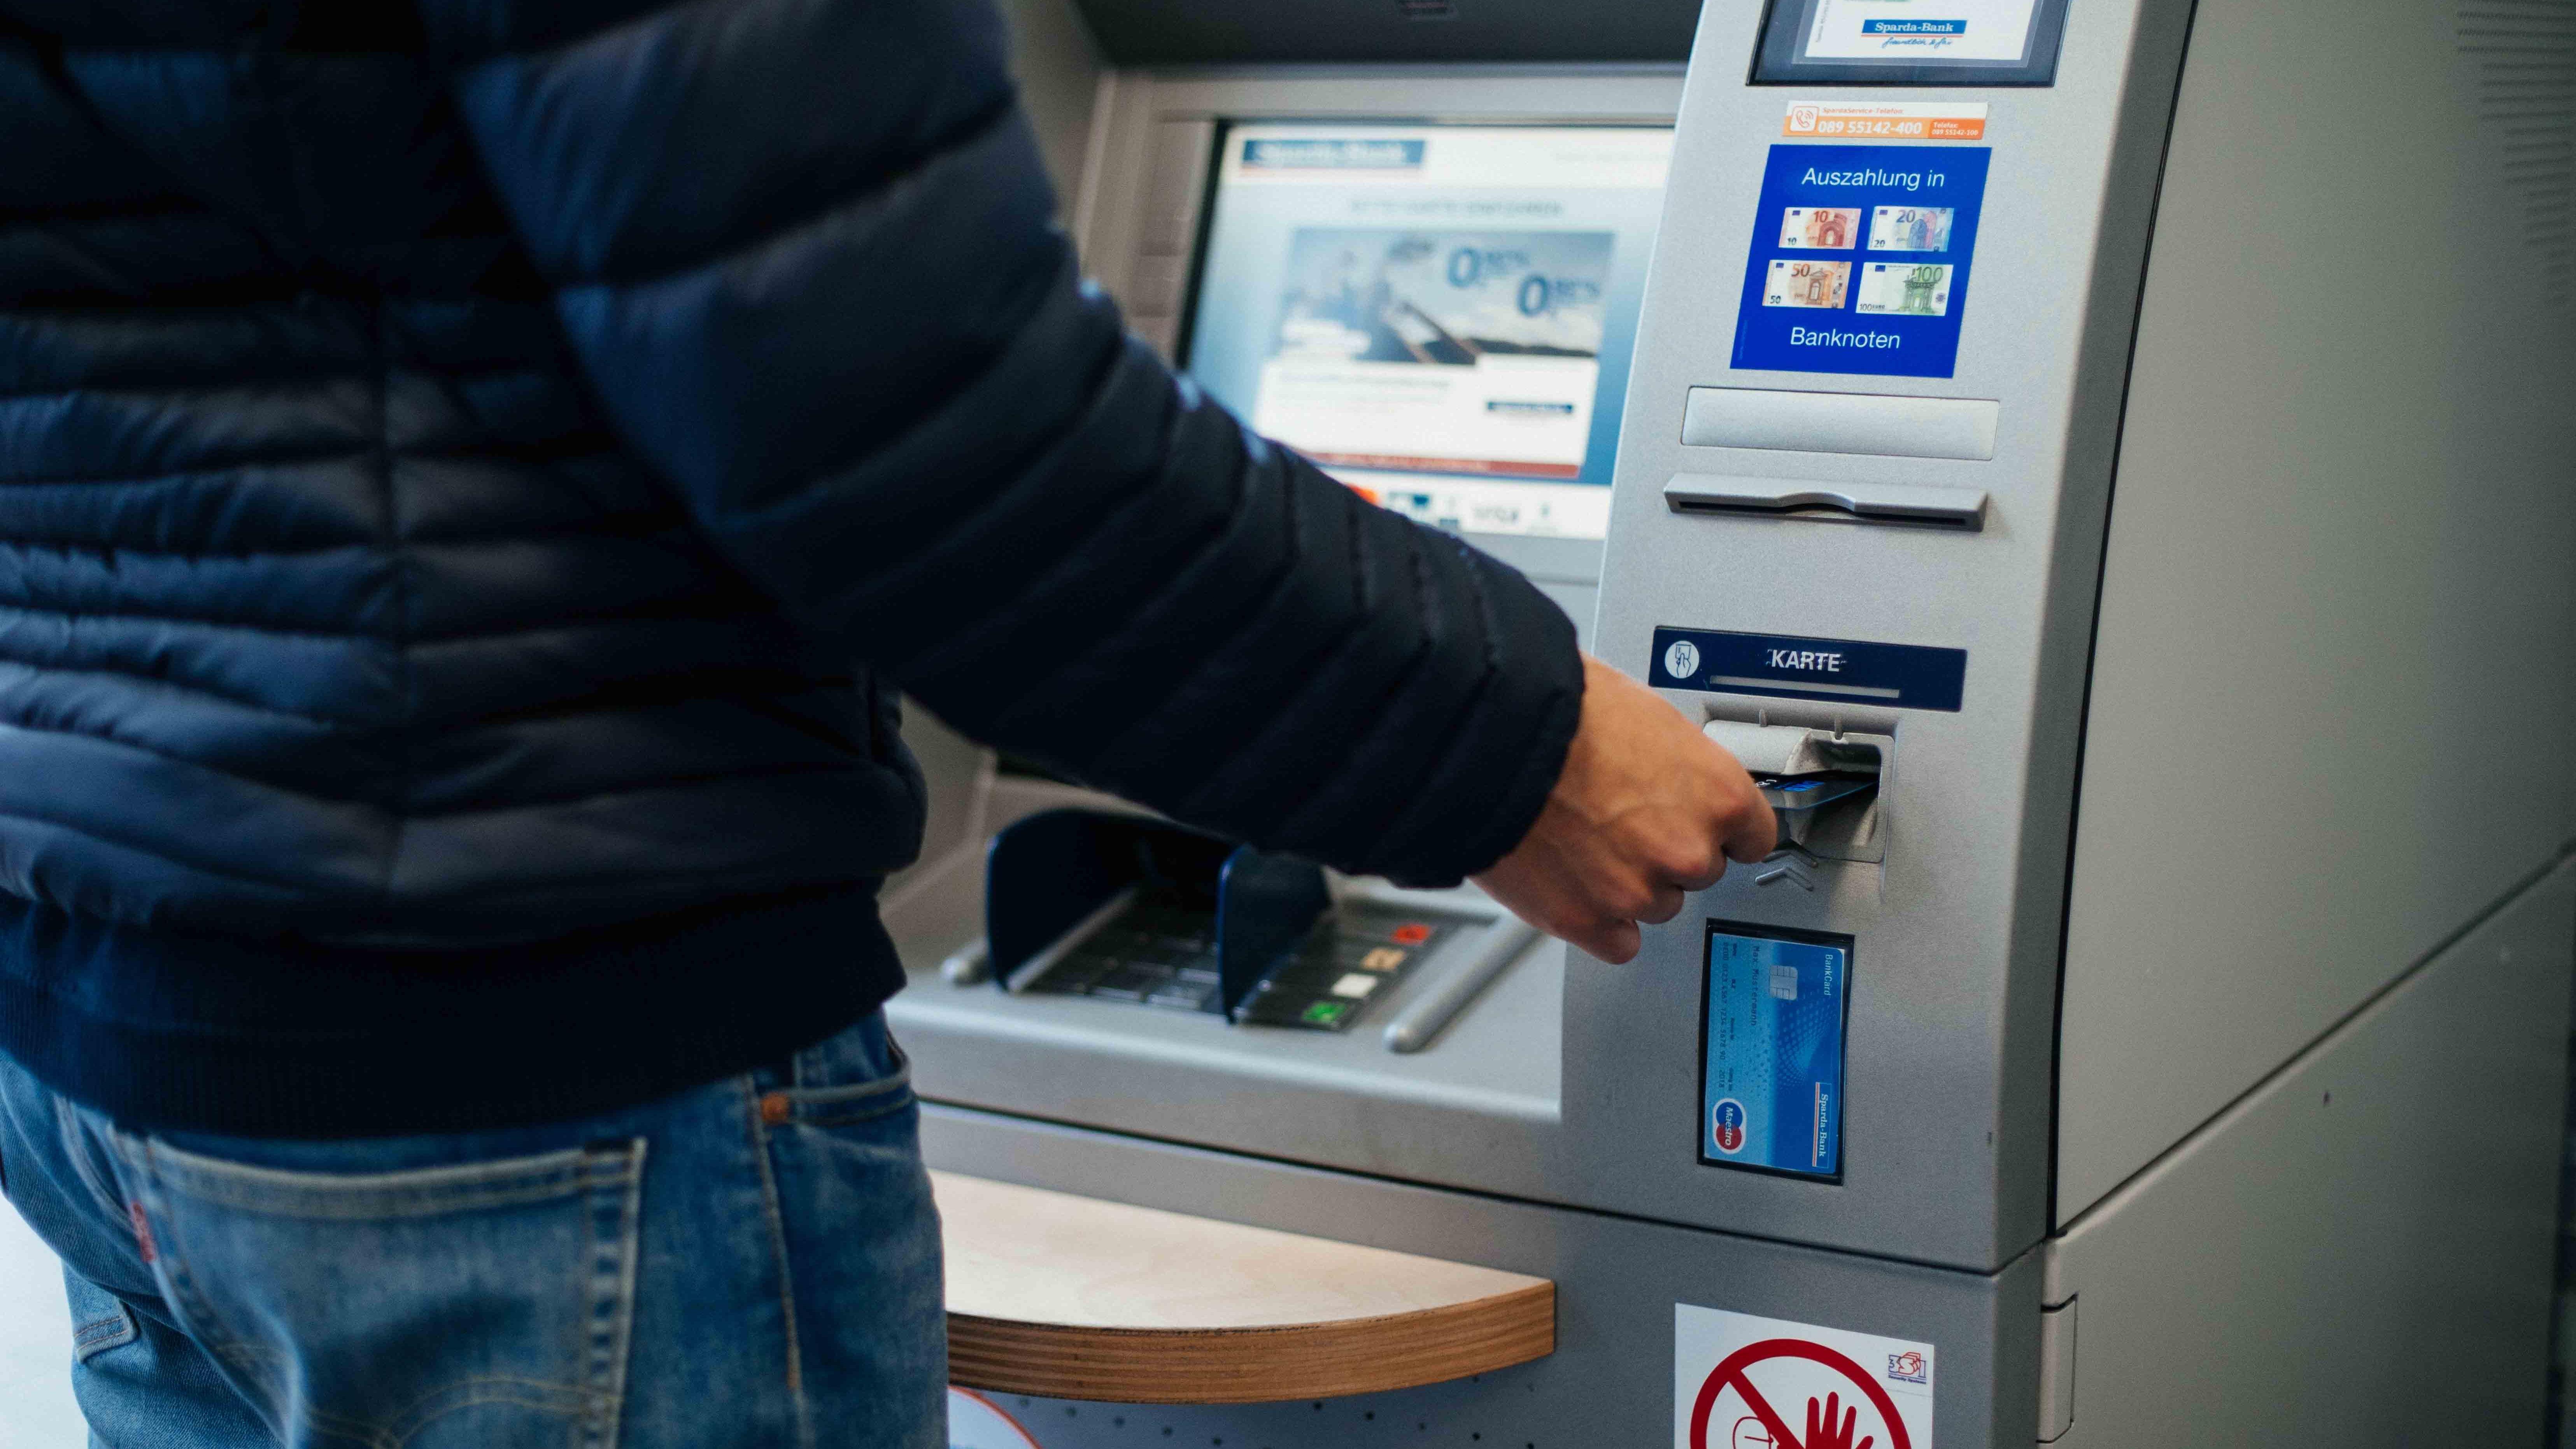 Ein Mann schiebt seine Bankkarte in den Geldautomaten.